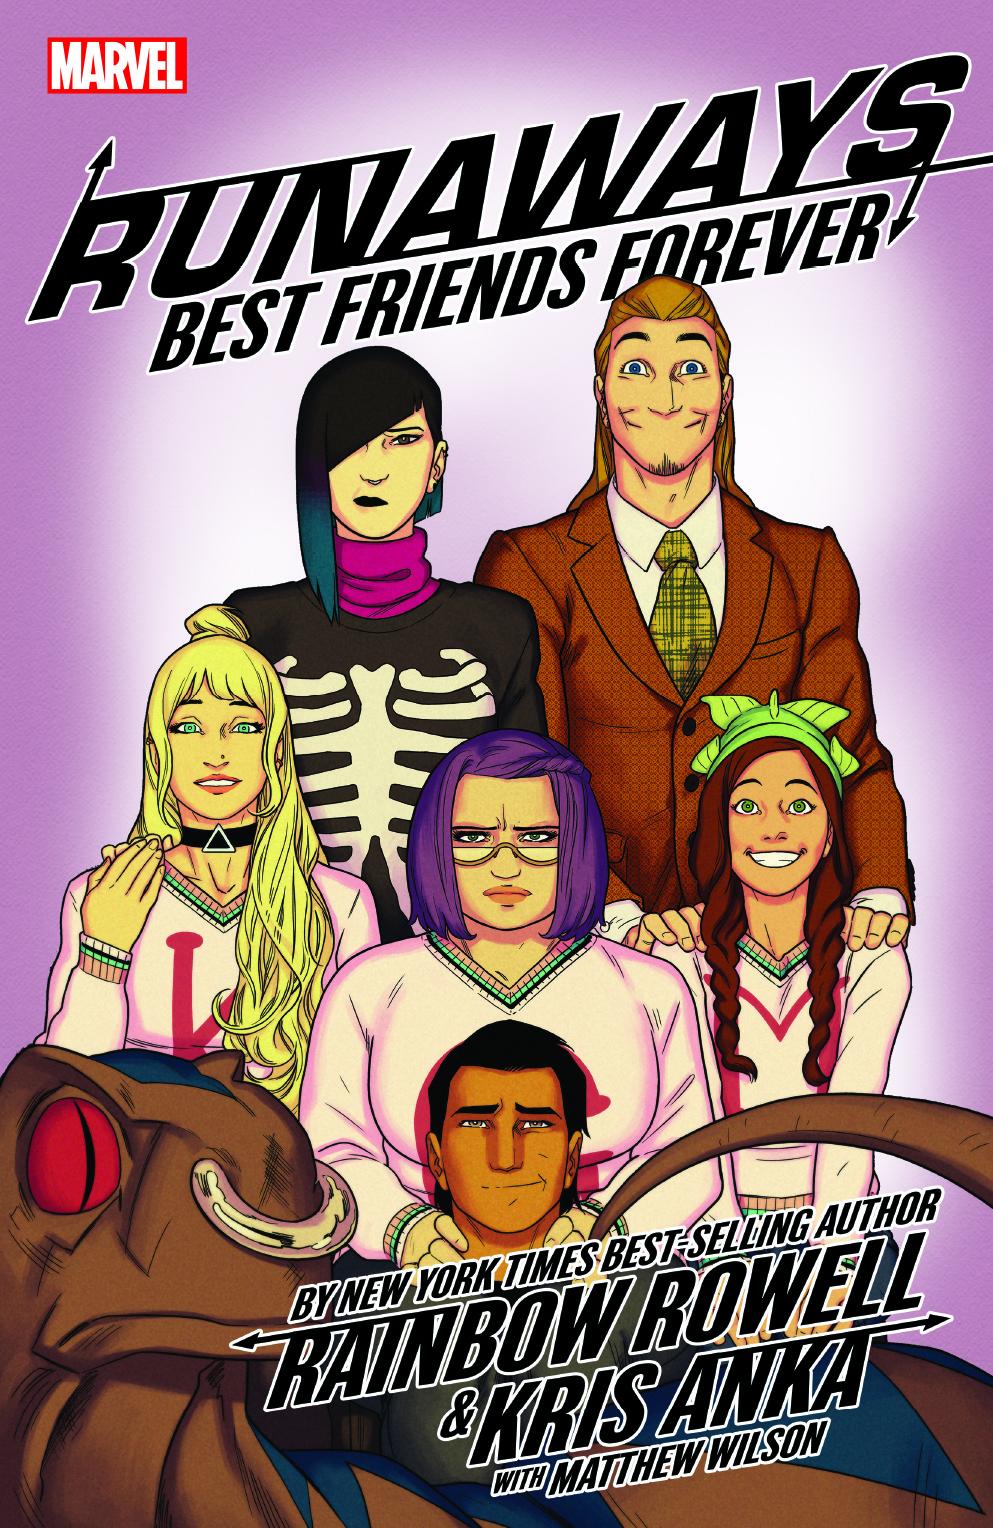 Runaways Best Friends Forever